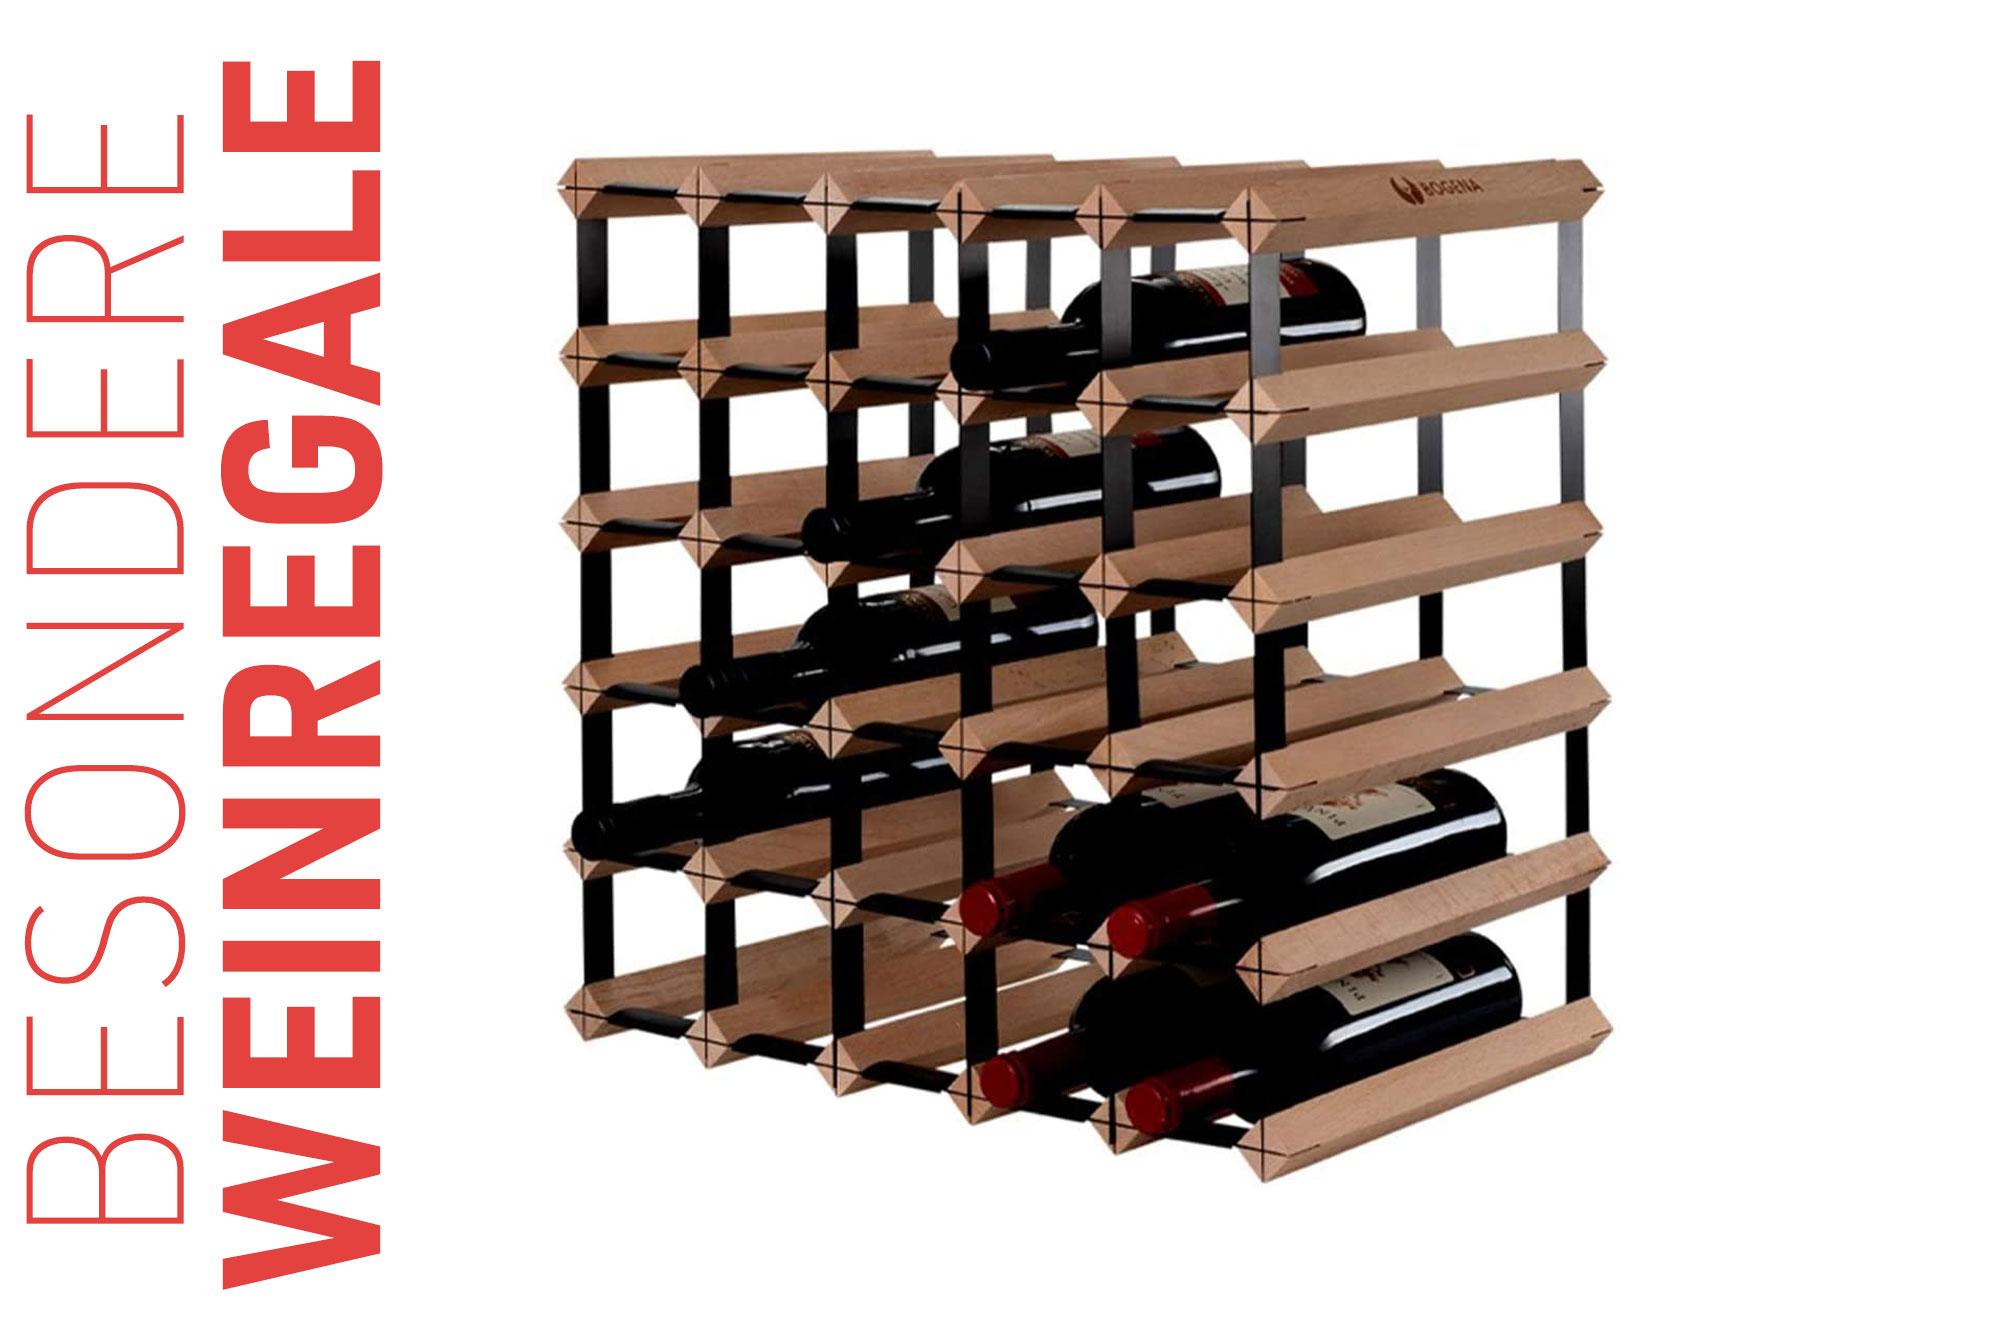 Besondere Weinregale - Eine Übersicht mit 9 Kategorien